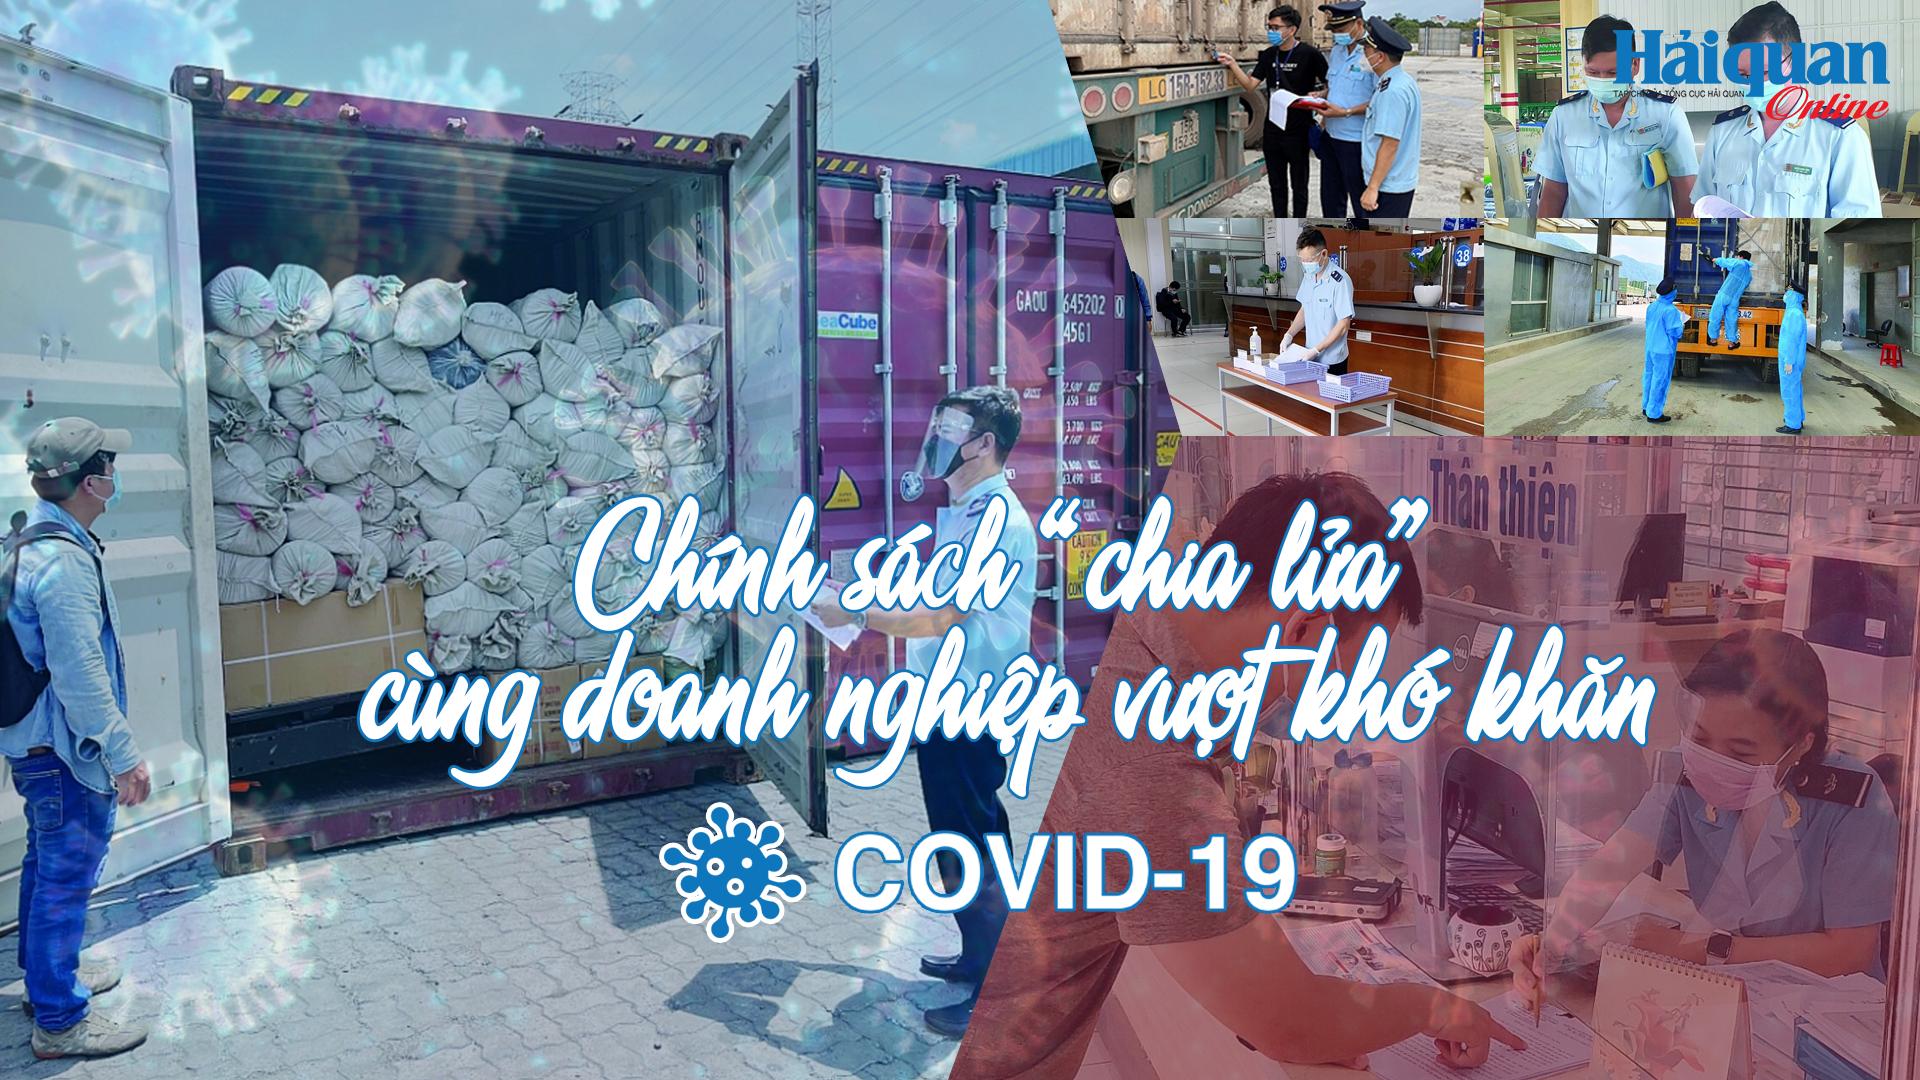 """MEGASTORY: Chính sách """"chia lửa"""" cùng doanh nghiệp vượt khó khăn Covid-19"""